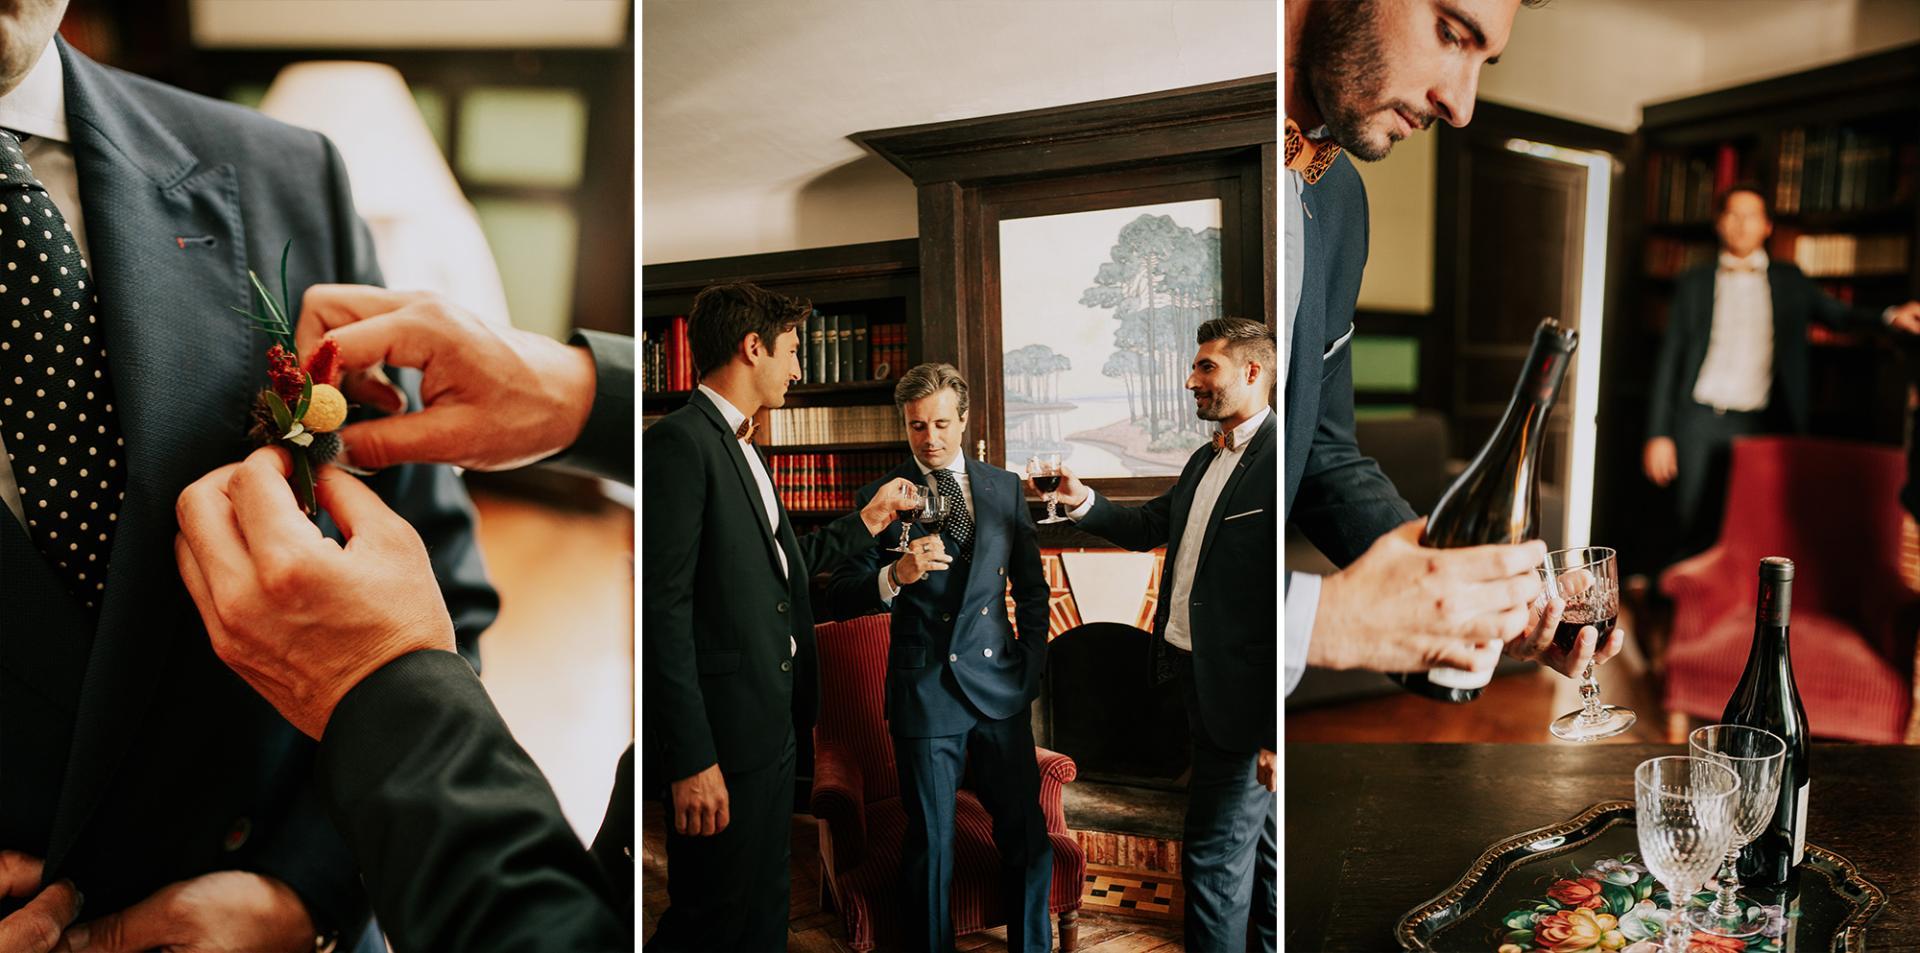 11 photographe landes dax mariage allison micallef moment entre hommes